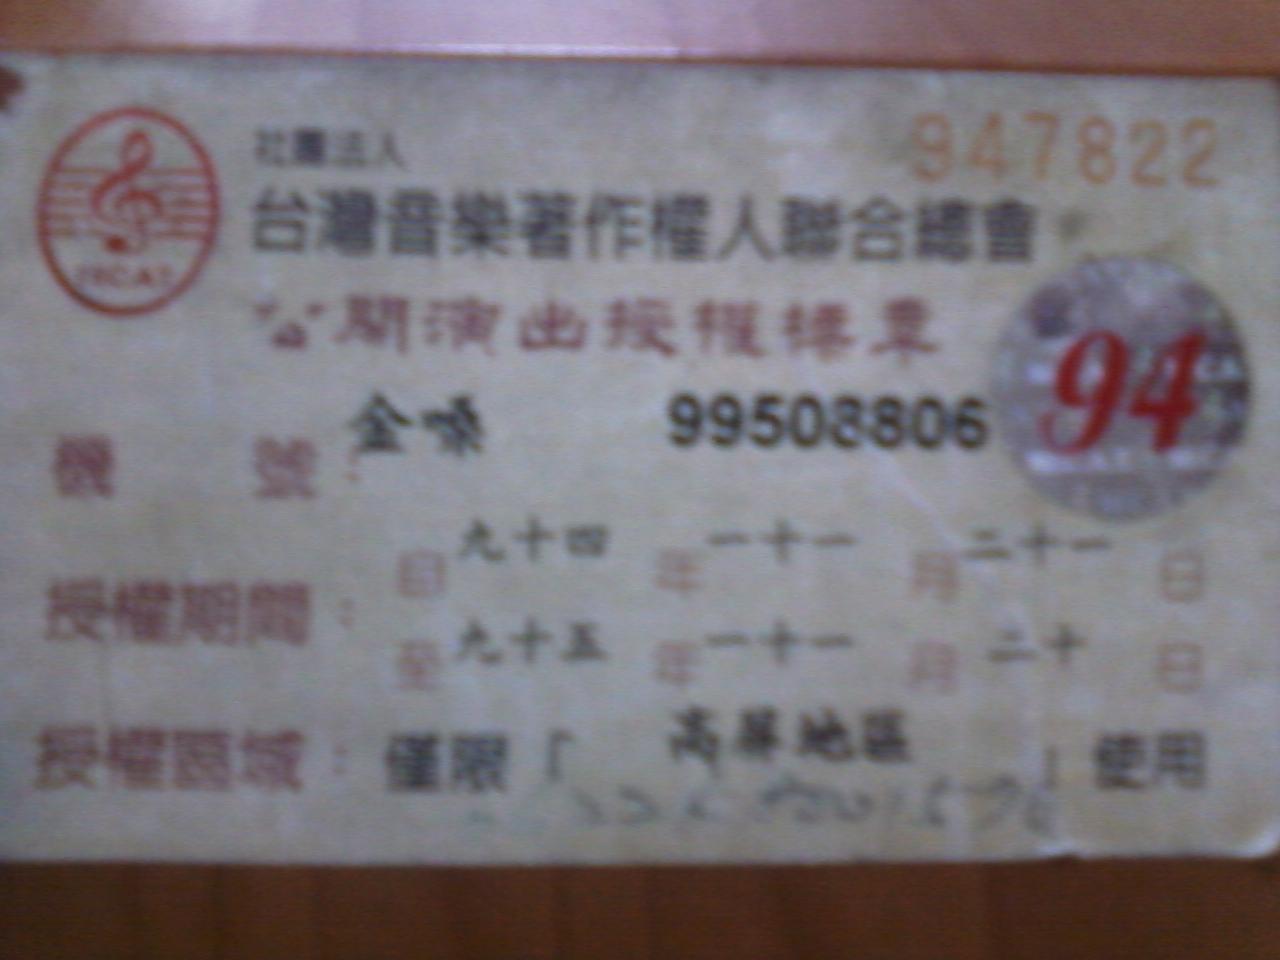 11219_501b07c497d77.jpg 1280X960 px